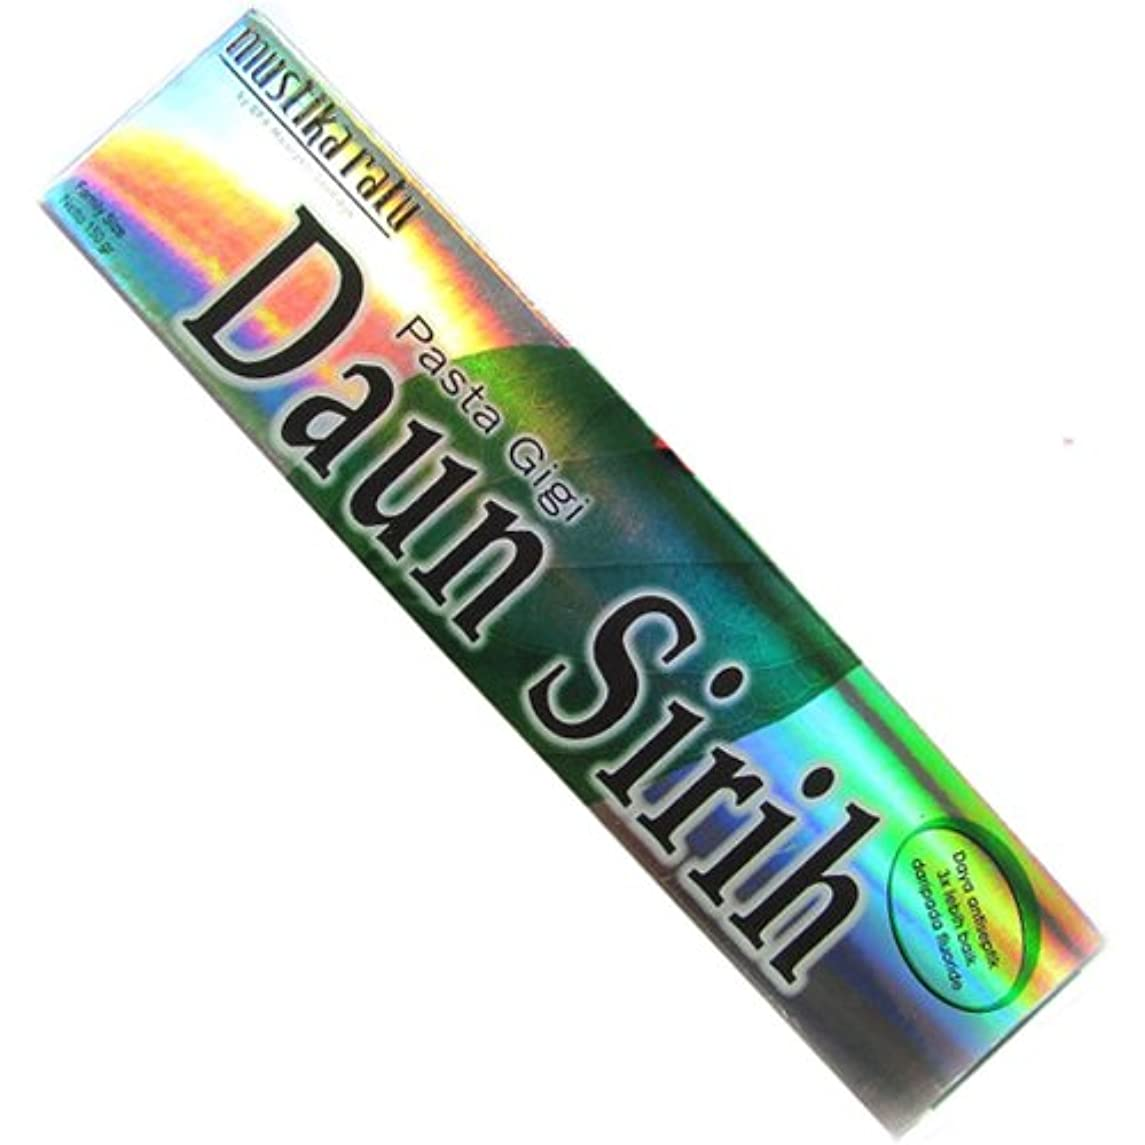 まつげ言うビクタームスティカラトゥ?Daun sirih(ダウンシリ)歯磨き粉150g[並行輸入品][海外直送品]